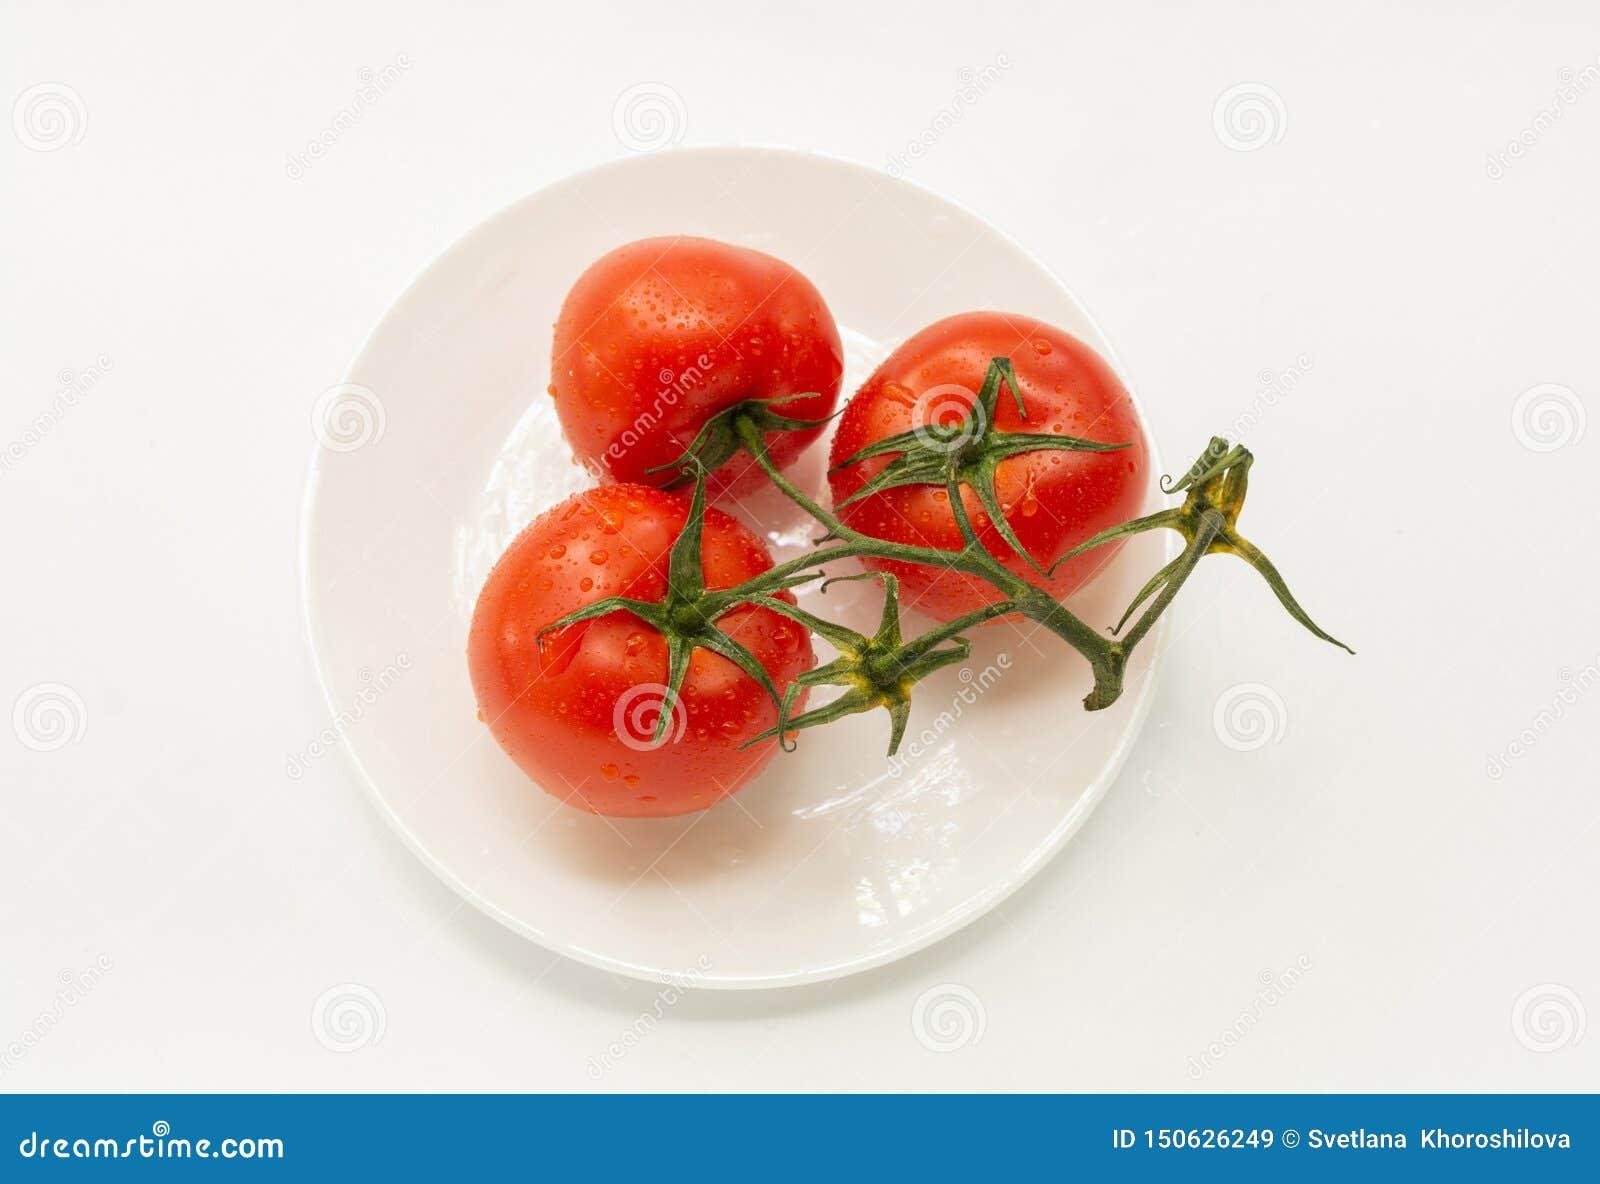 Trzy pomidoru na białym talerzu, izolator